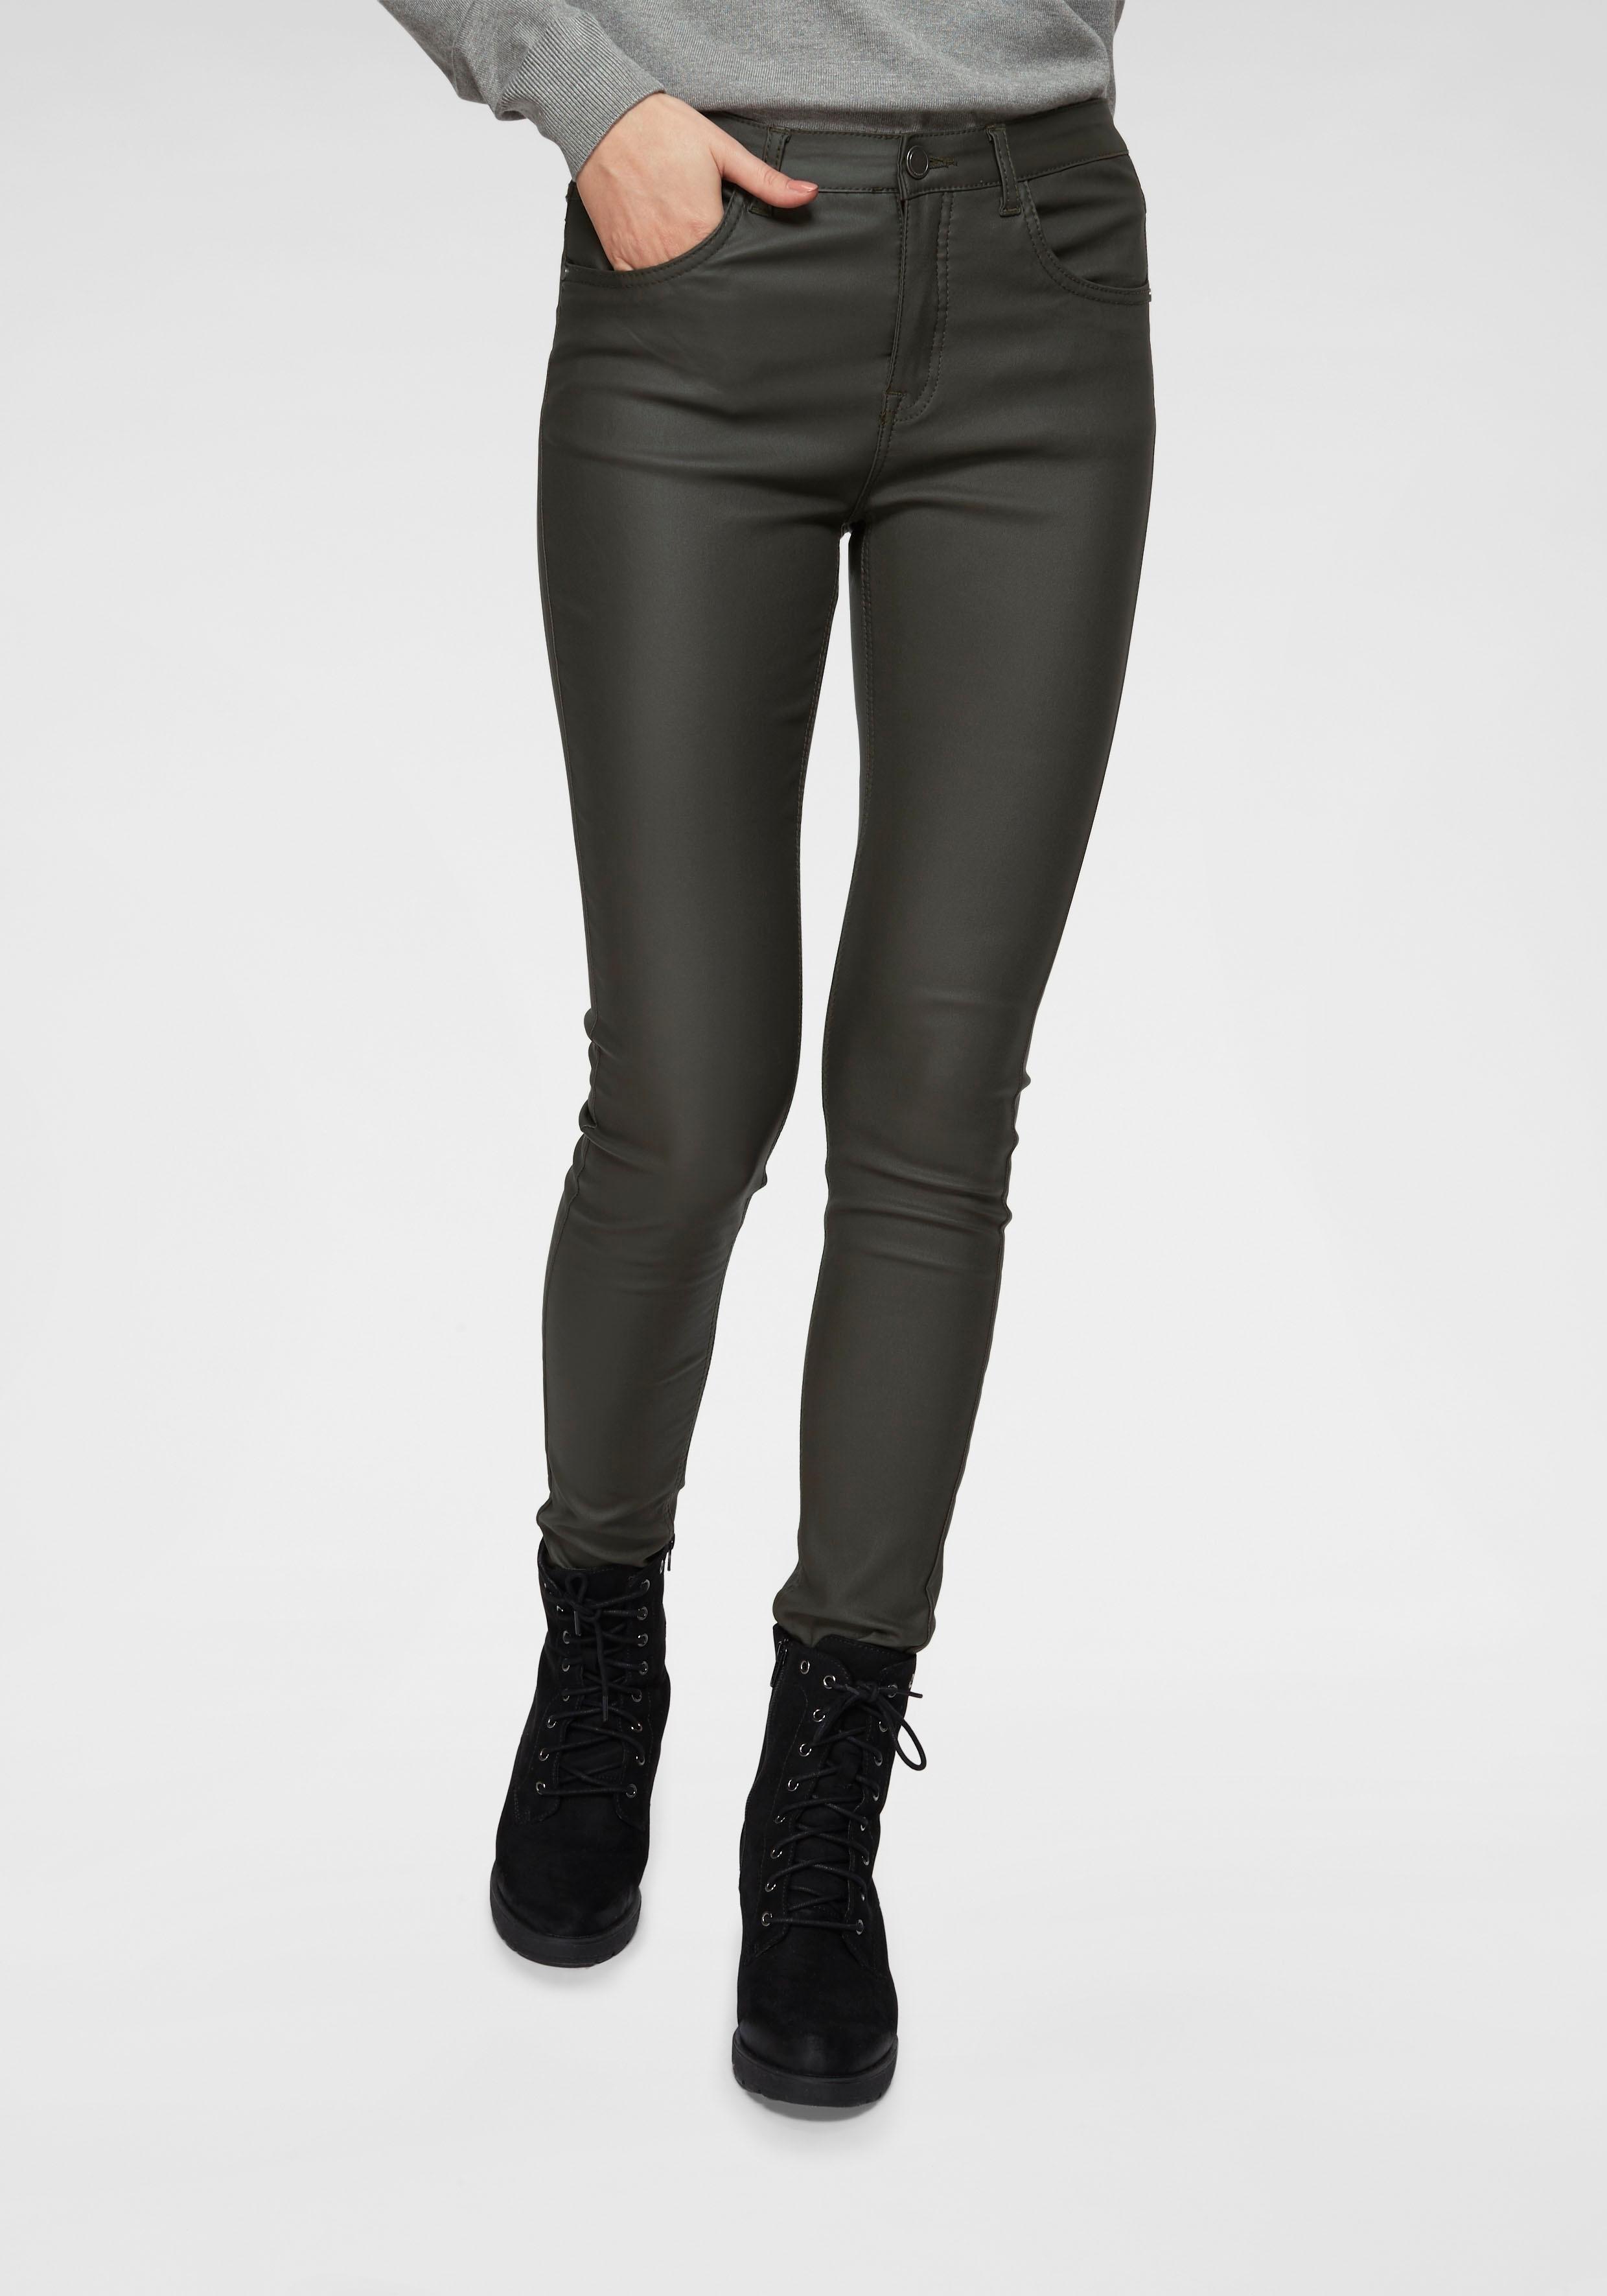 b.young slim fit jeans »Kato Kiko Jeans« - gratis ruilen op otto.nl